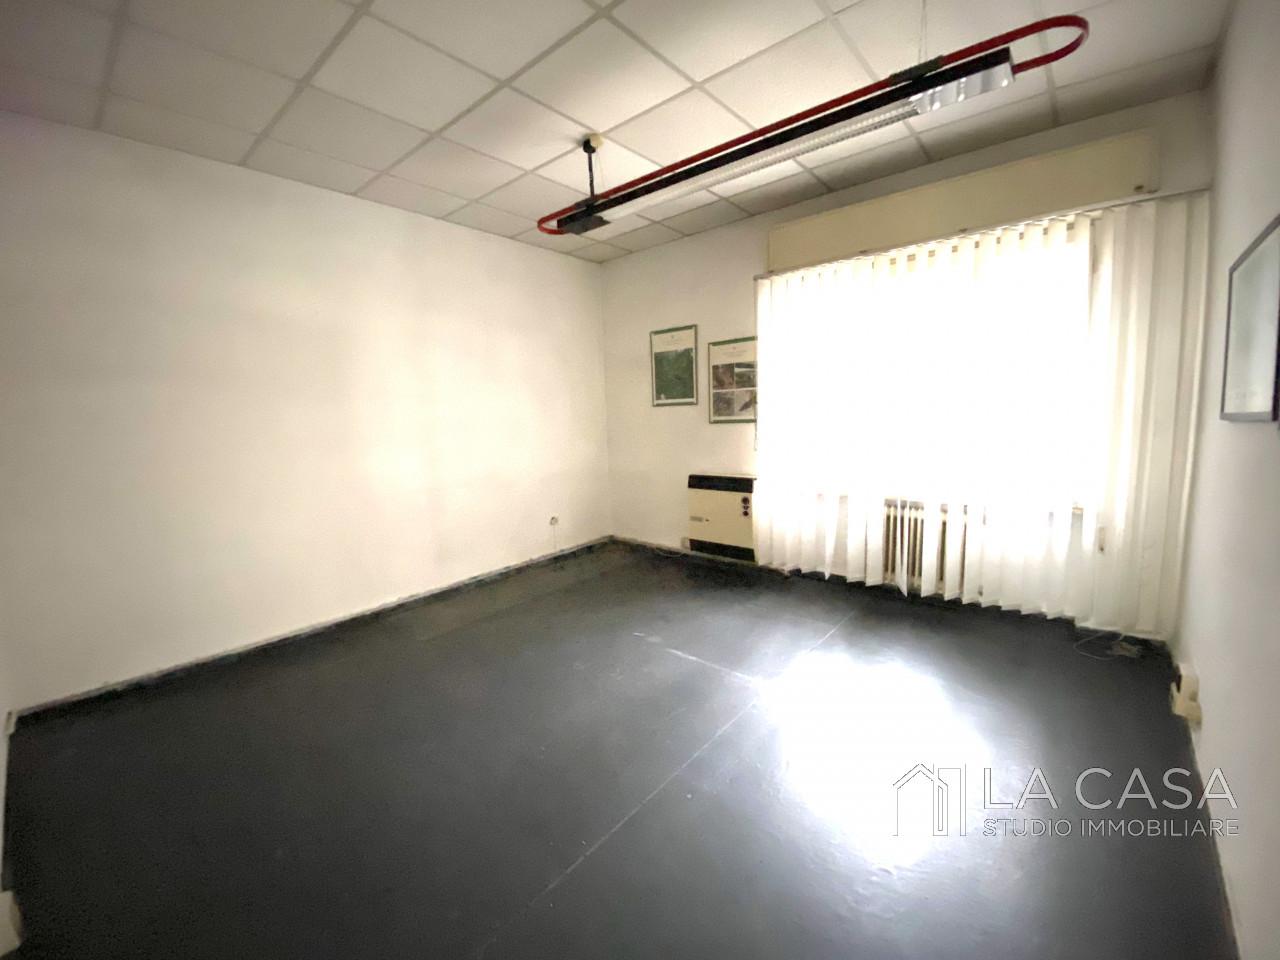 Luminoso Negozio in vendita ad Aviano zona Centrale - Rif. N3 https://images.gestionaleimmobiliare.it/foto/annunci/201002/2314199/1280x1280/999__img_3969_wmk_0.jpg